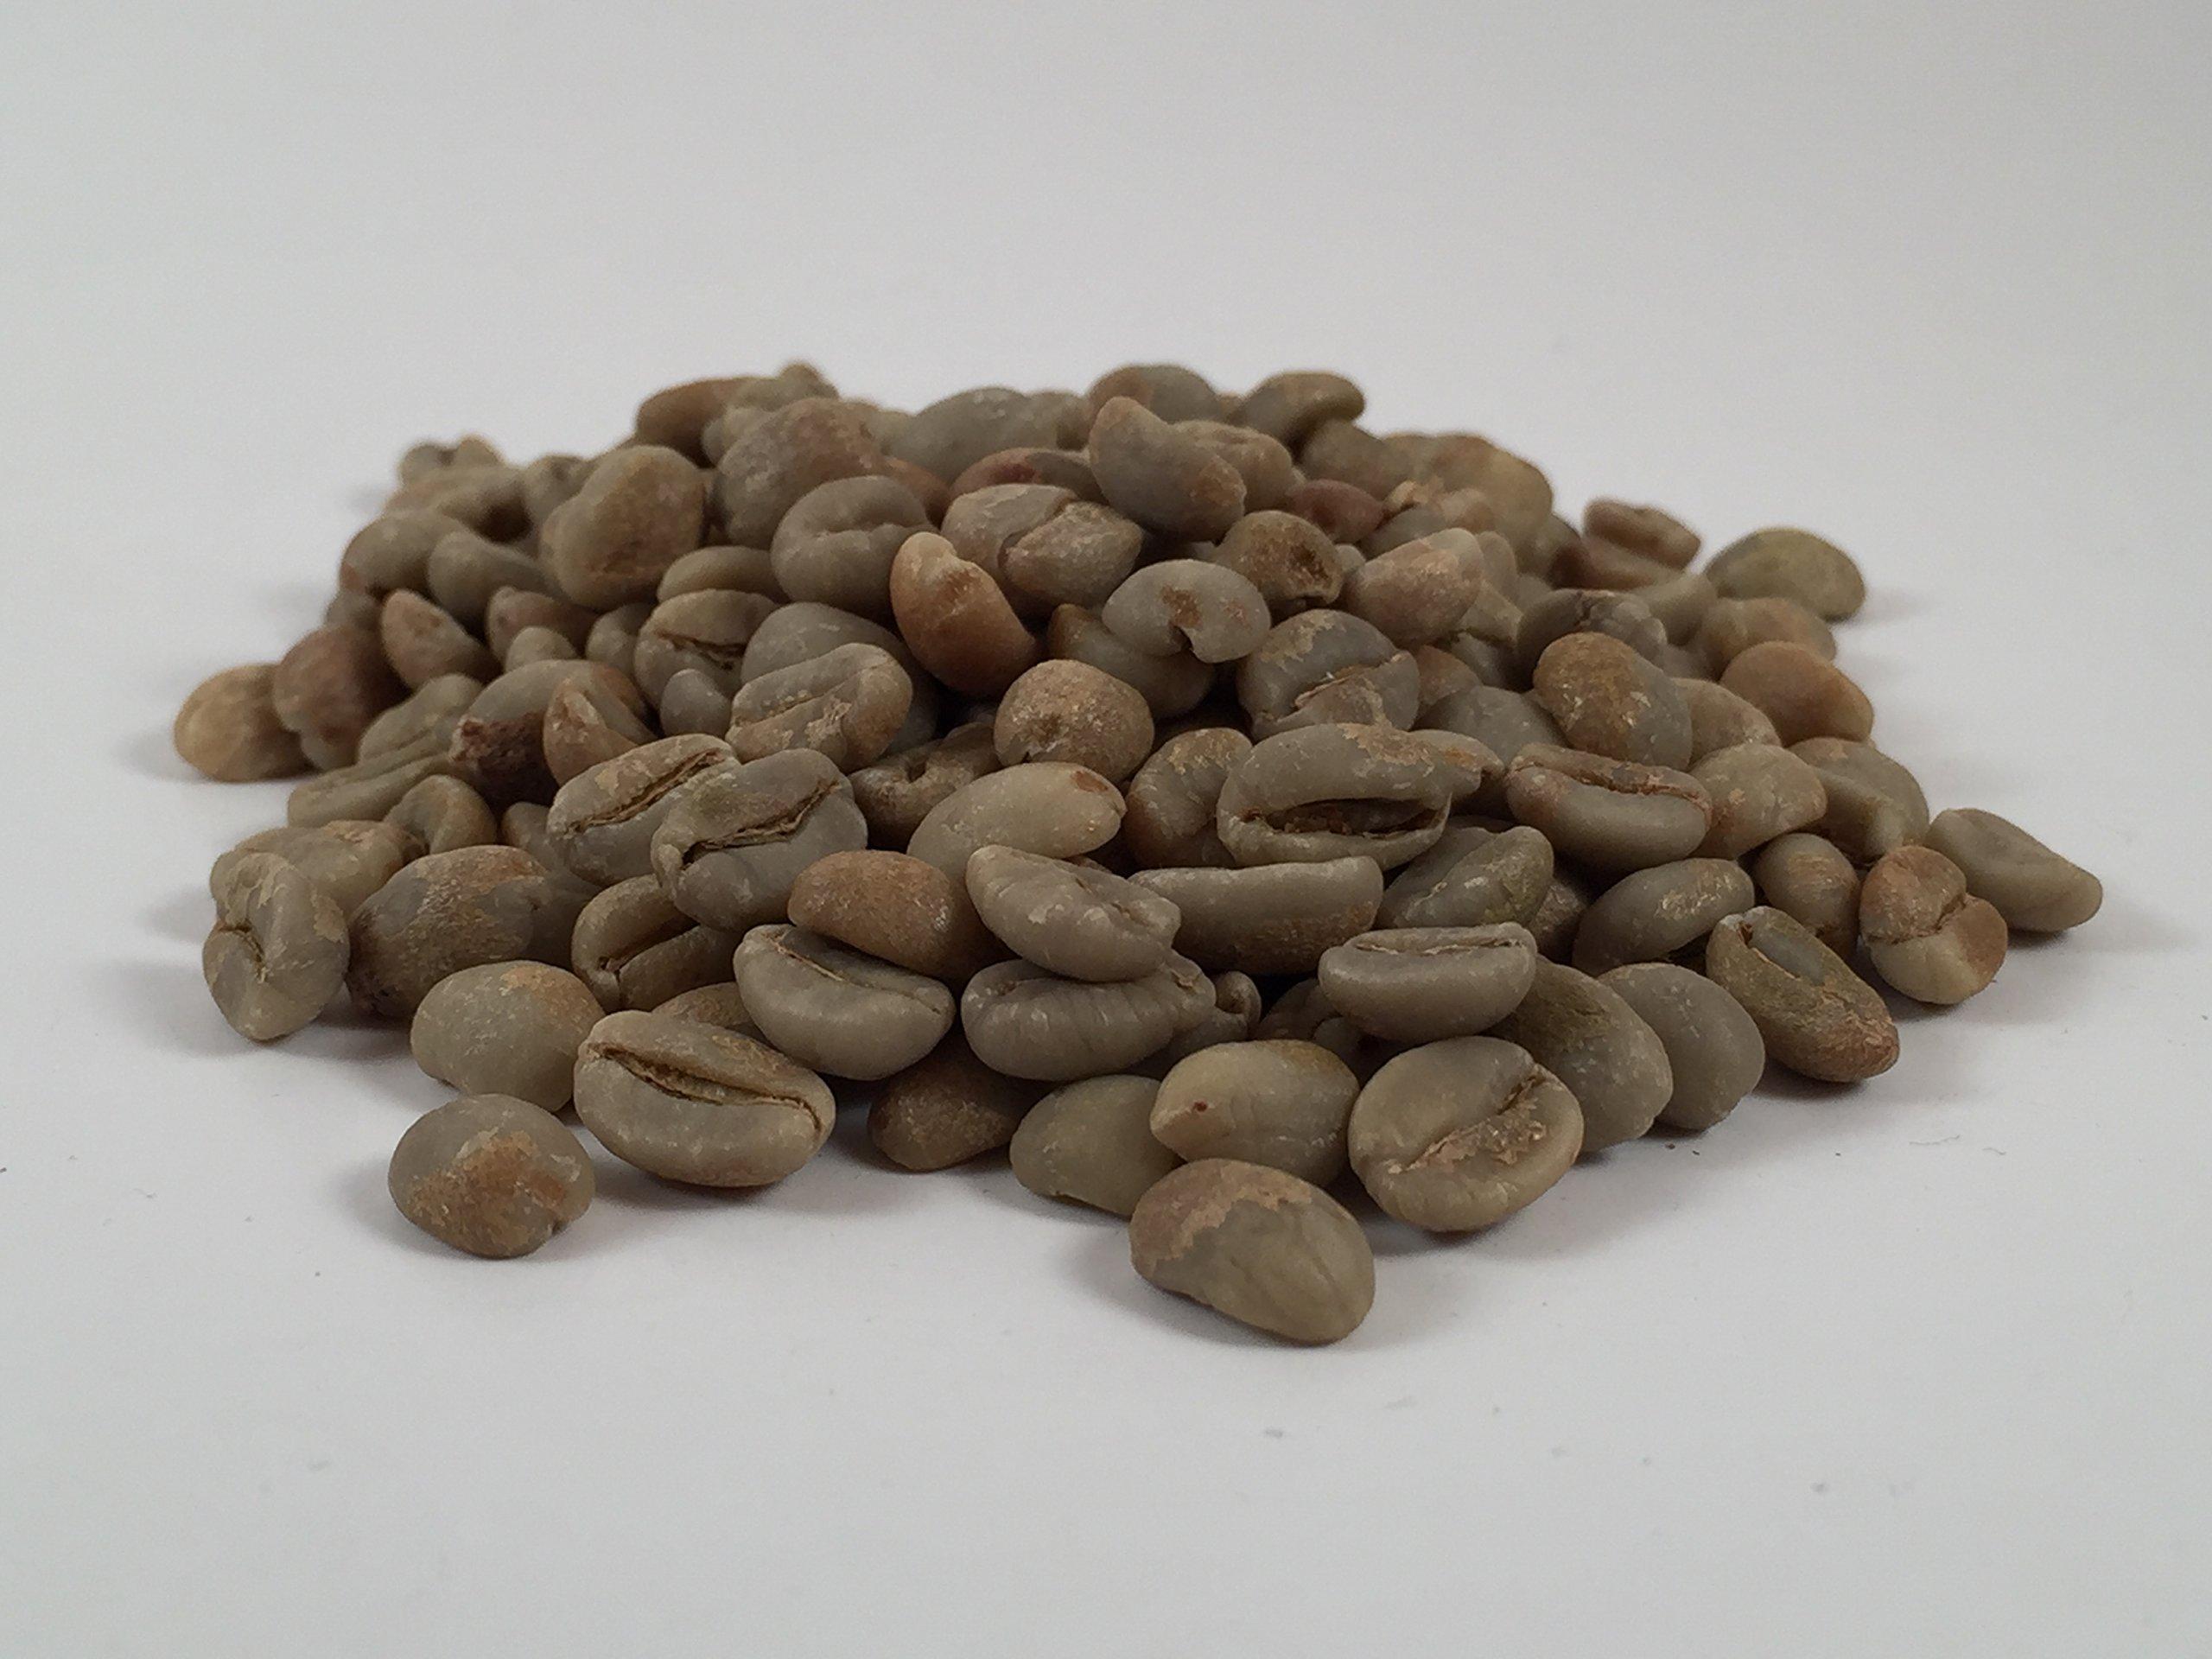 100% Ethiopia Geisha Unroasted Green Coffee Beans 2lbs Bag Gesha